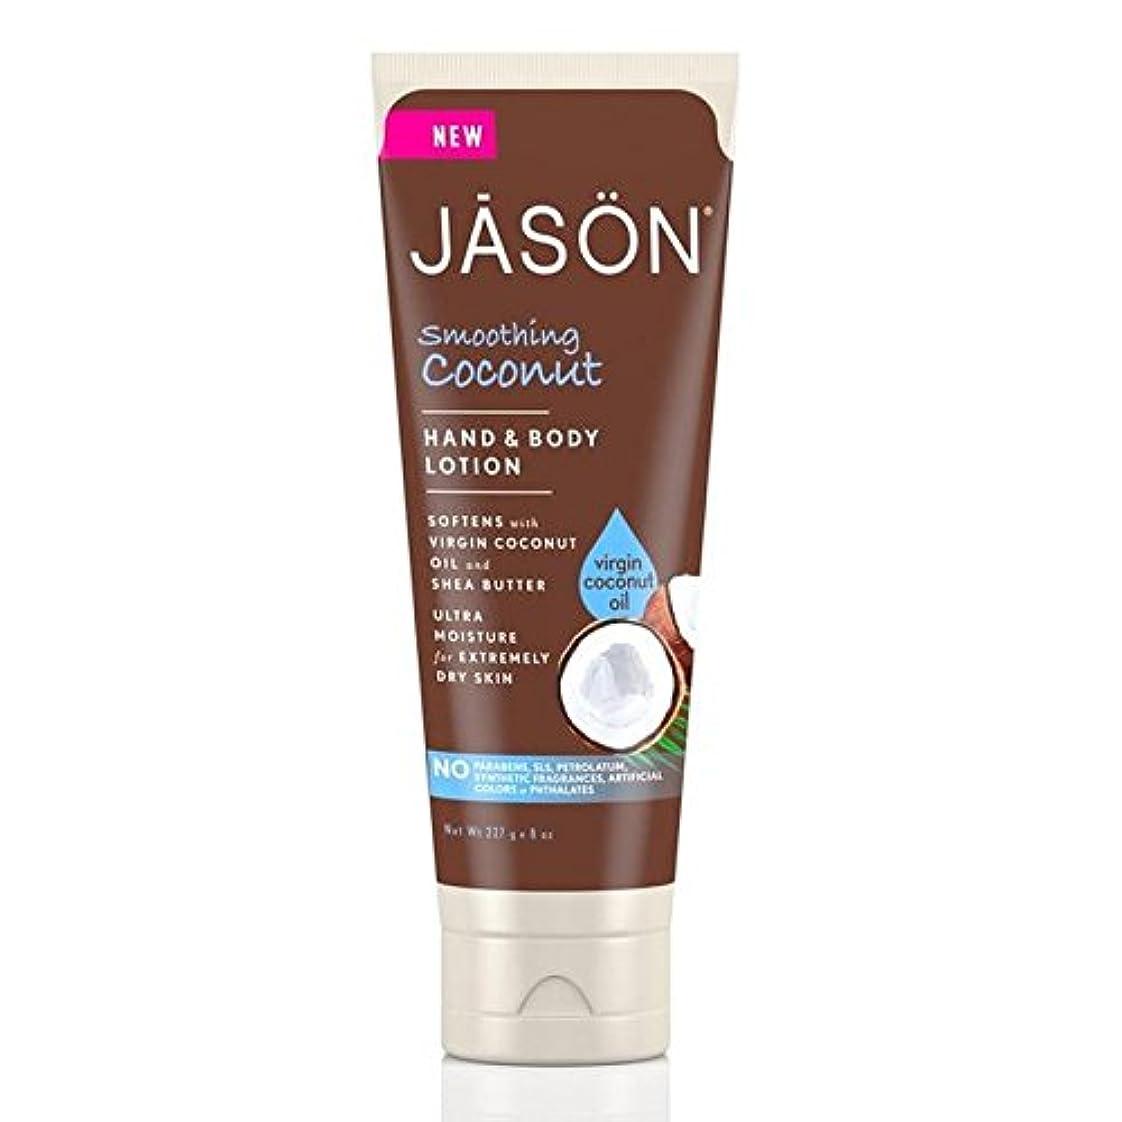 満足ボウリング小さなJason Coconut Hand & Body Lotion 227g (Pack of 6) - ジェイソン?ココナッツハンド&ボディローション227グラム x6 [並行輸入品]